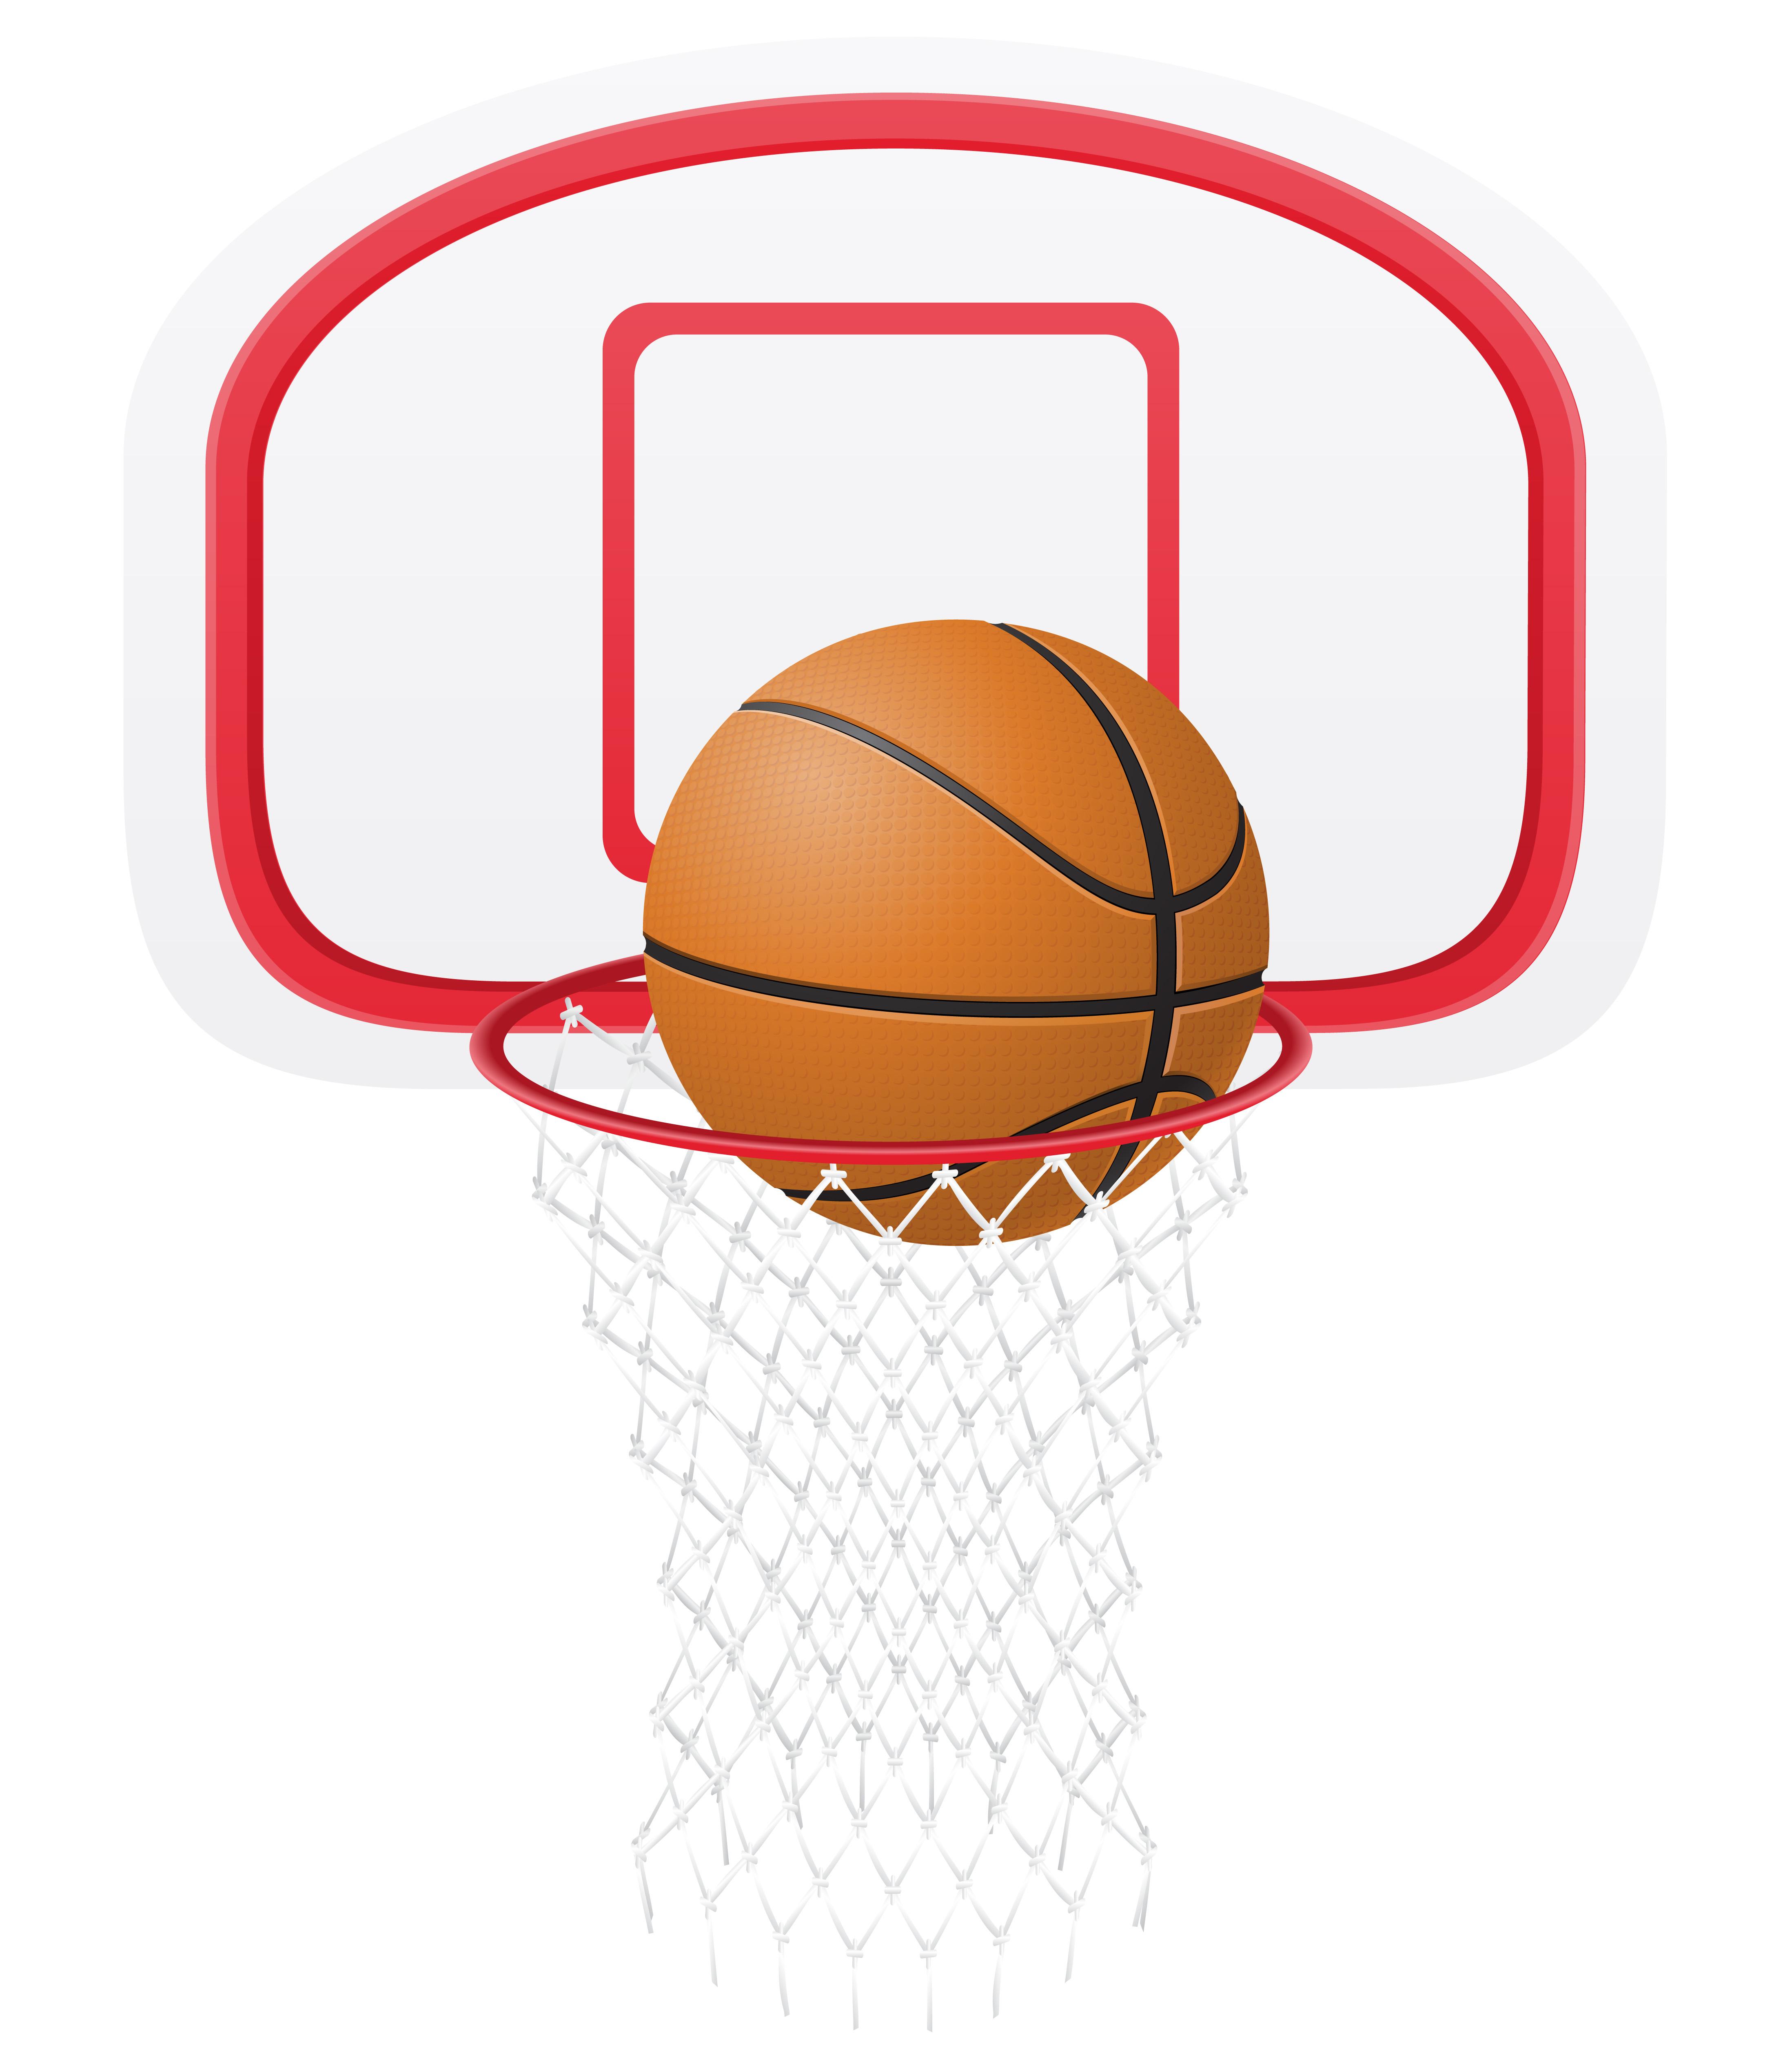 Panier Basket Balle Illustration Vectorielle Telecharger